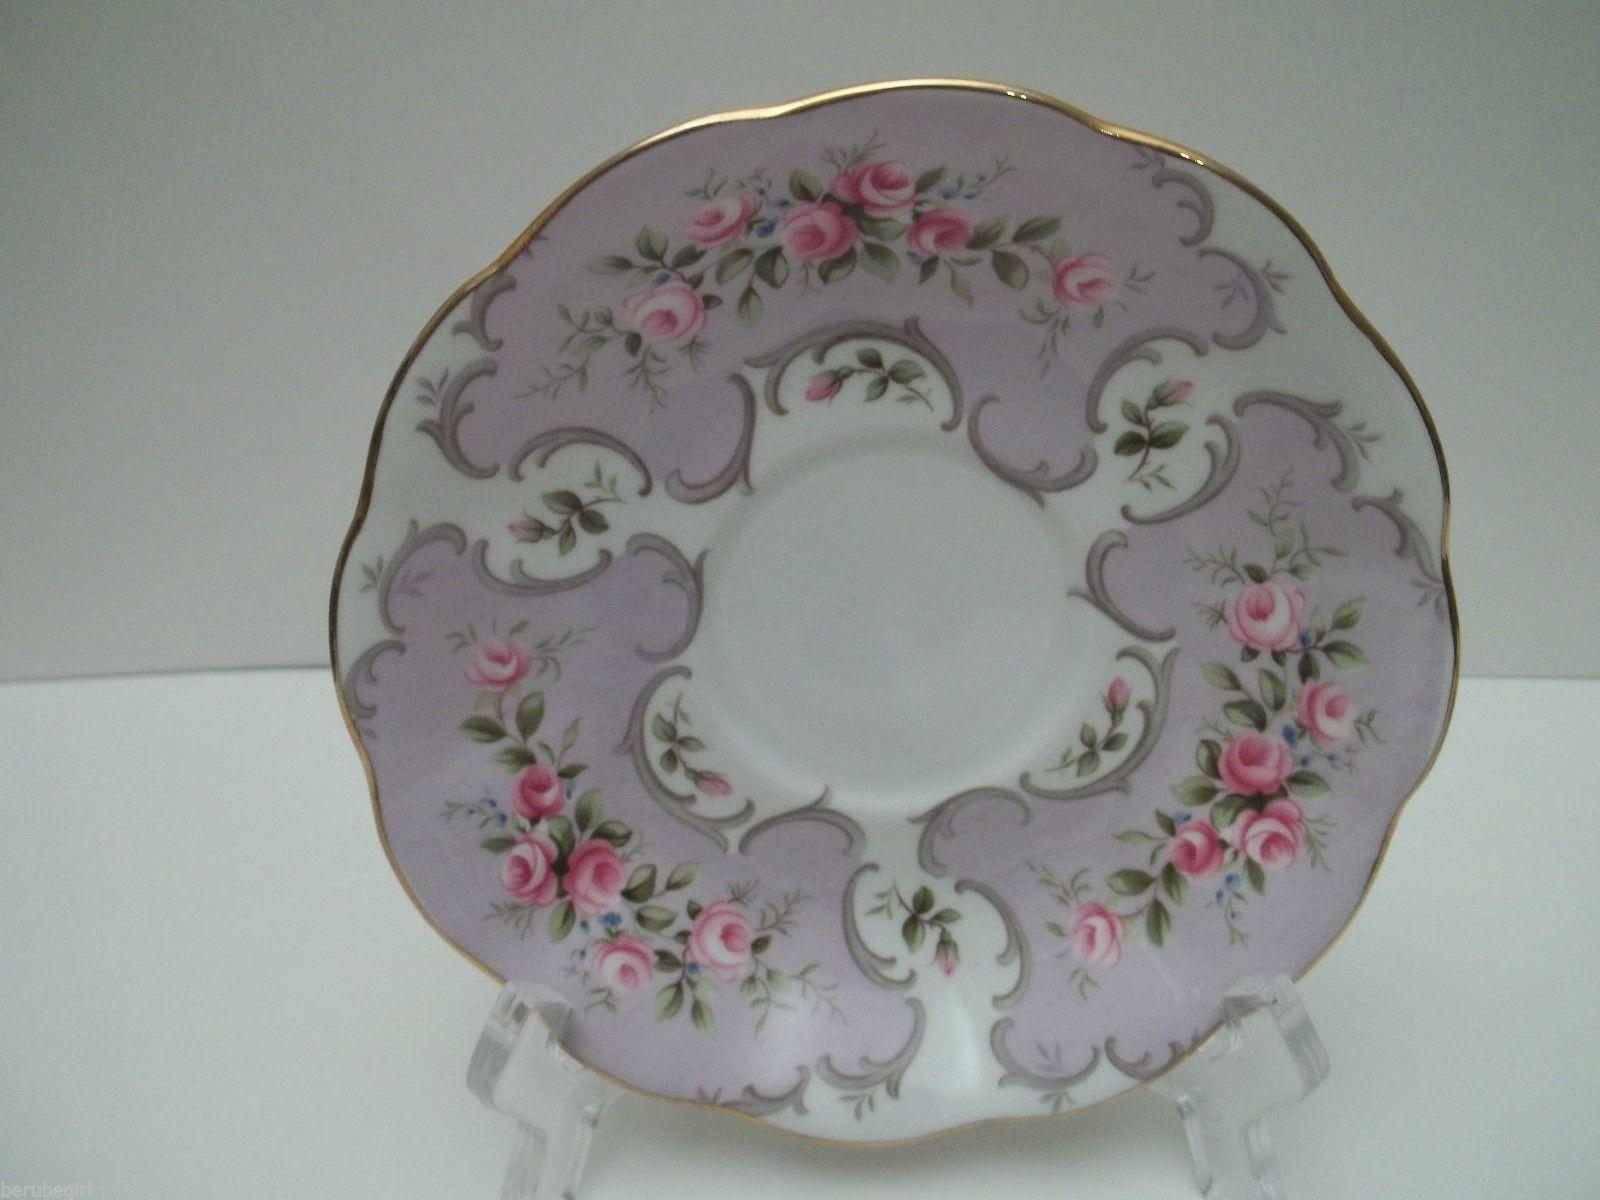 Vintage Royal Albert Rose Du Barry Series Jeanette Teacup Tea Cup Saucer | eBay